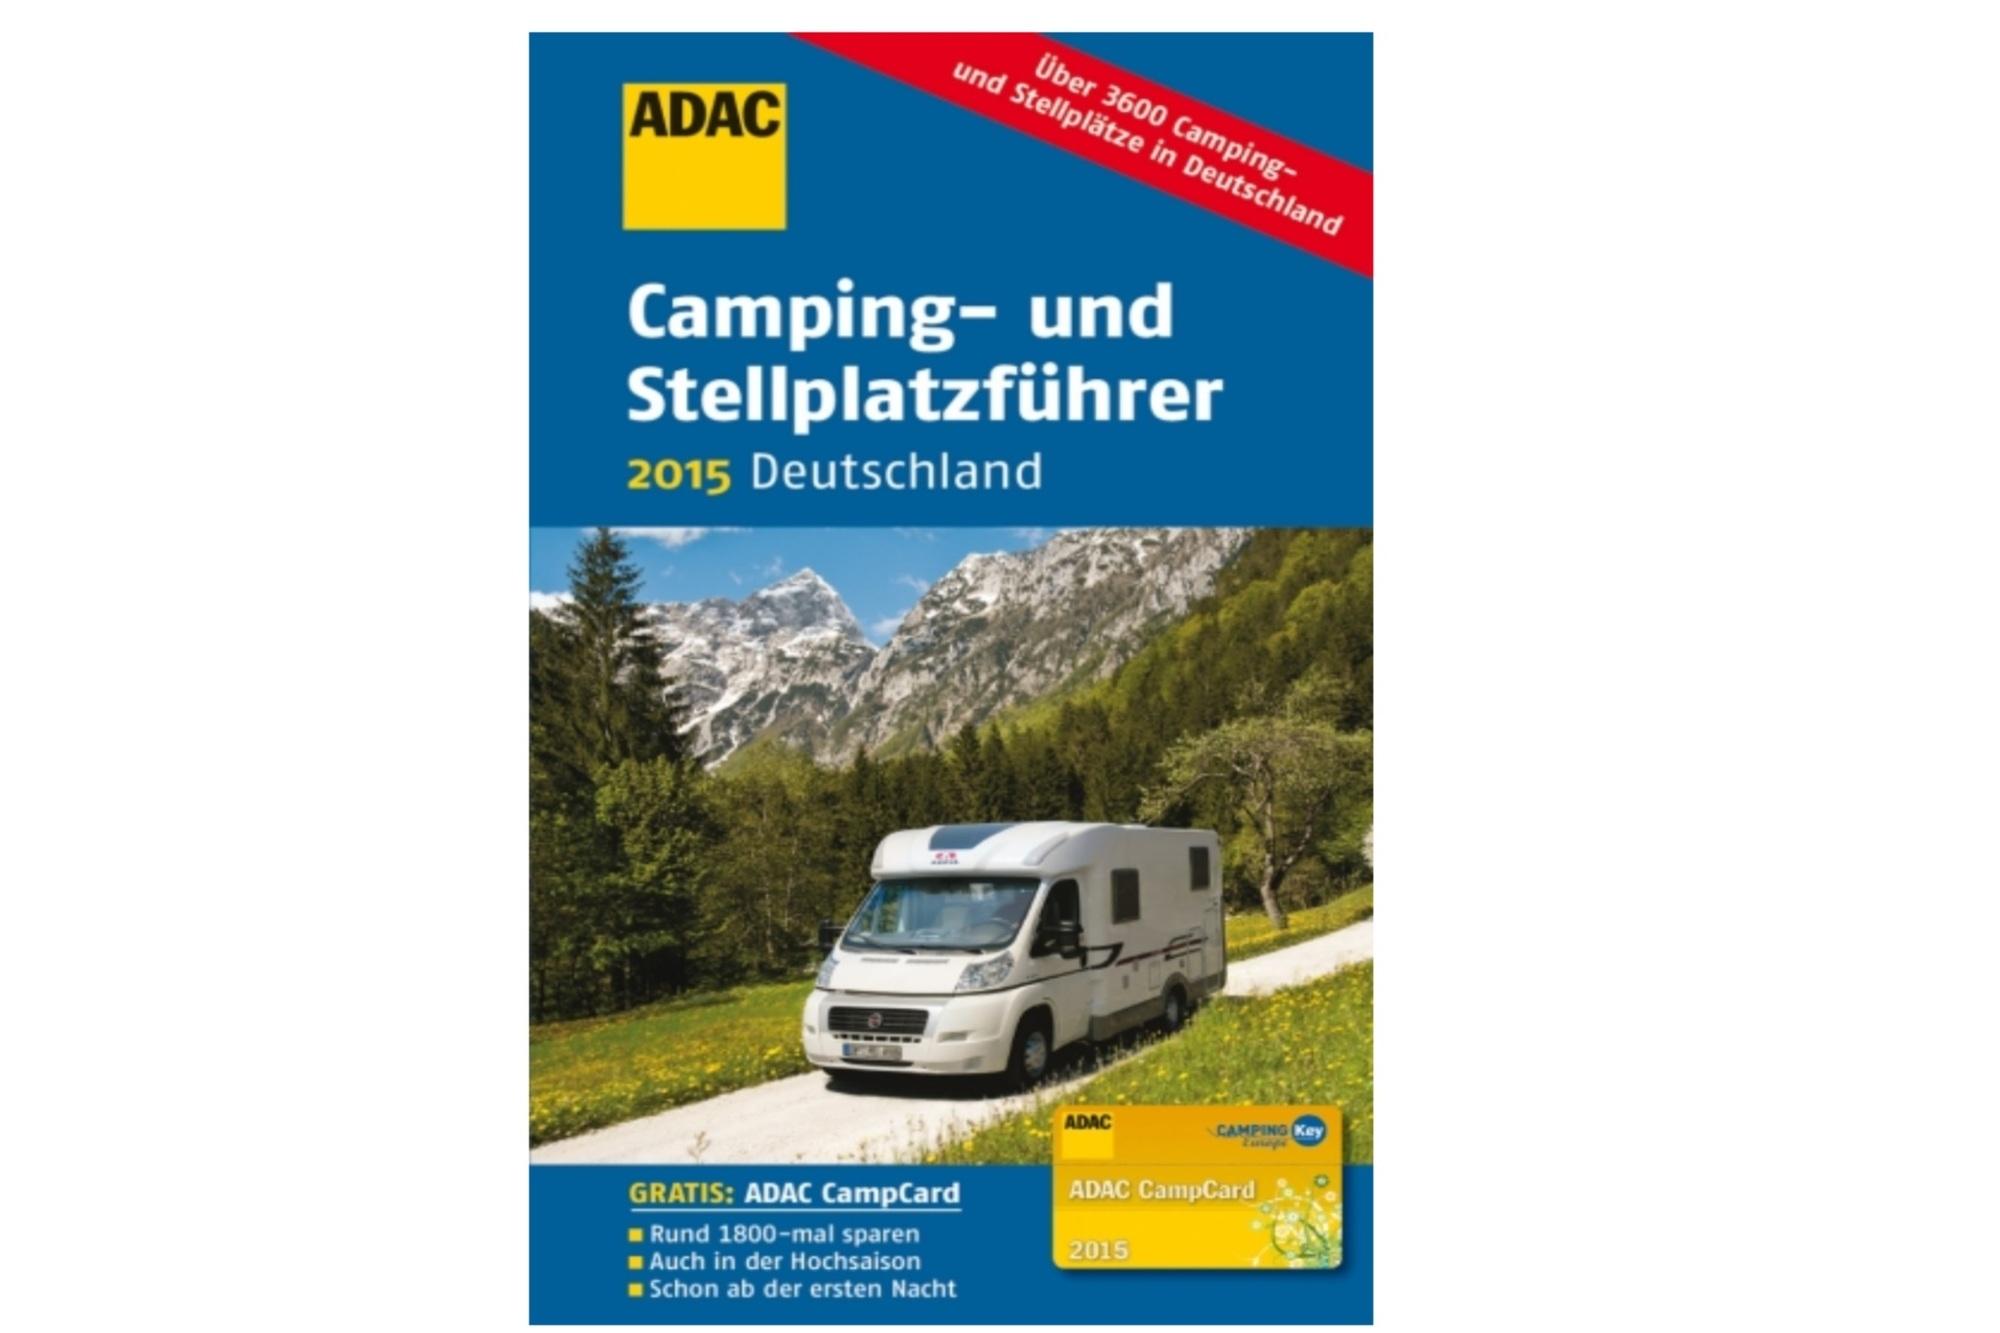 ADAC Camping- und Stellplatzführer 2015 - Alles zusammen